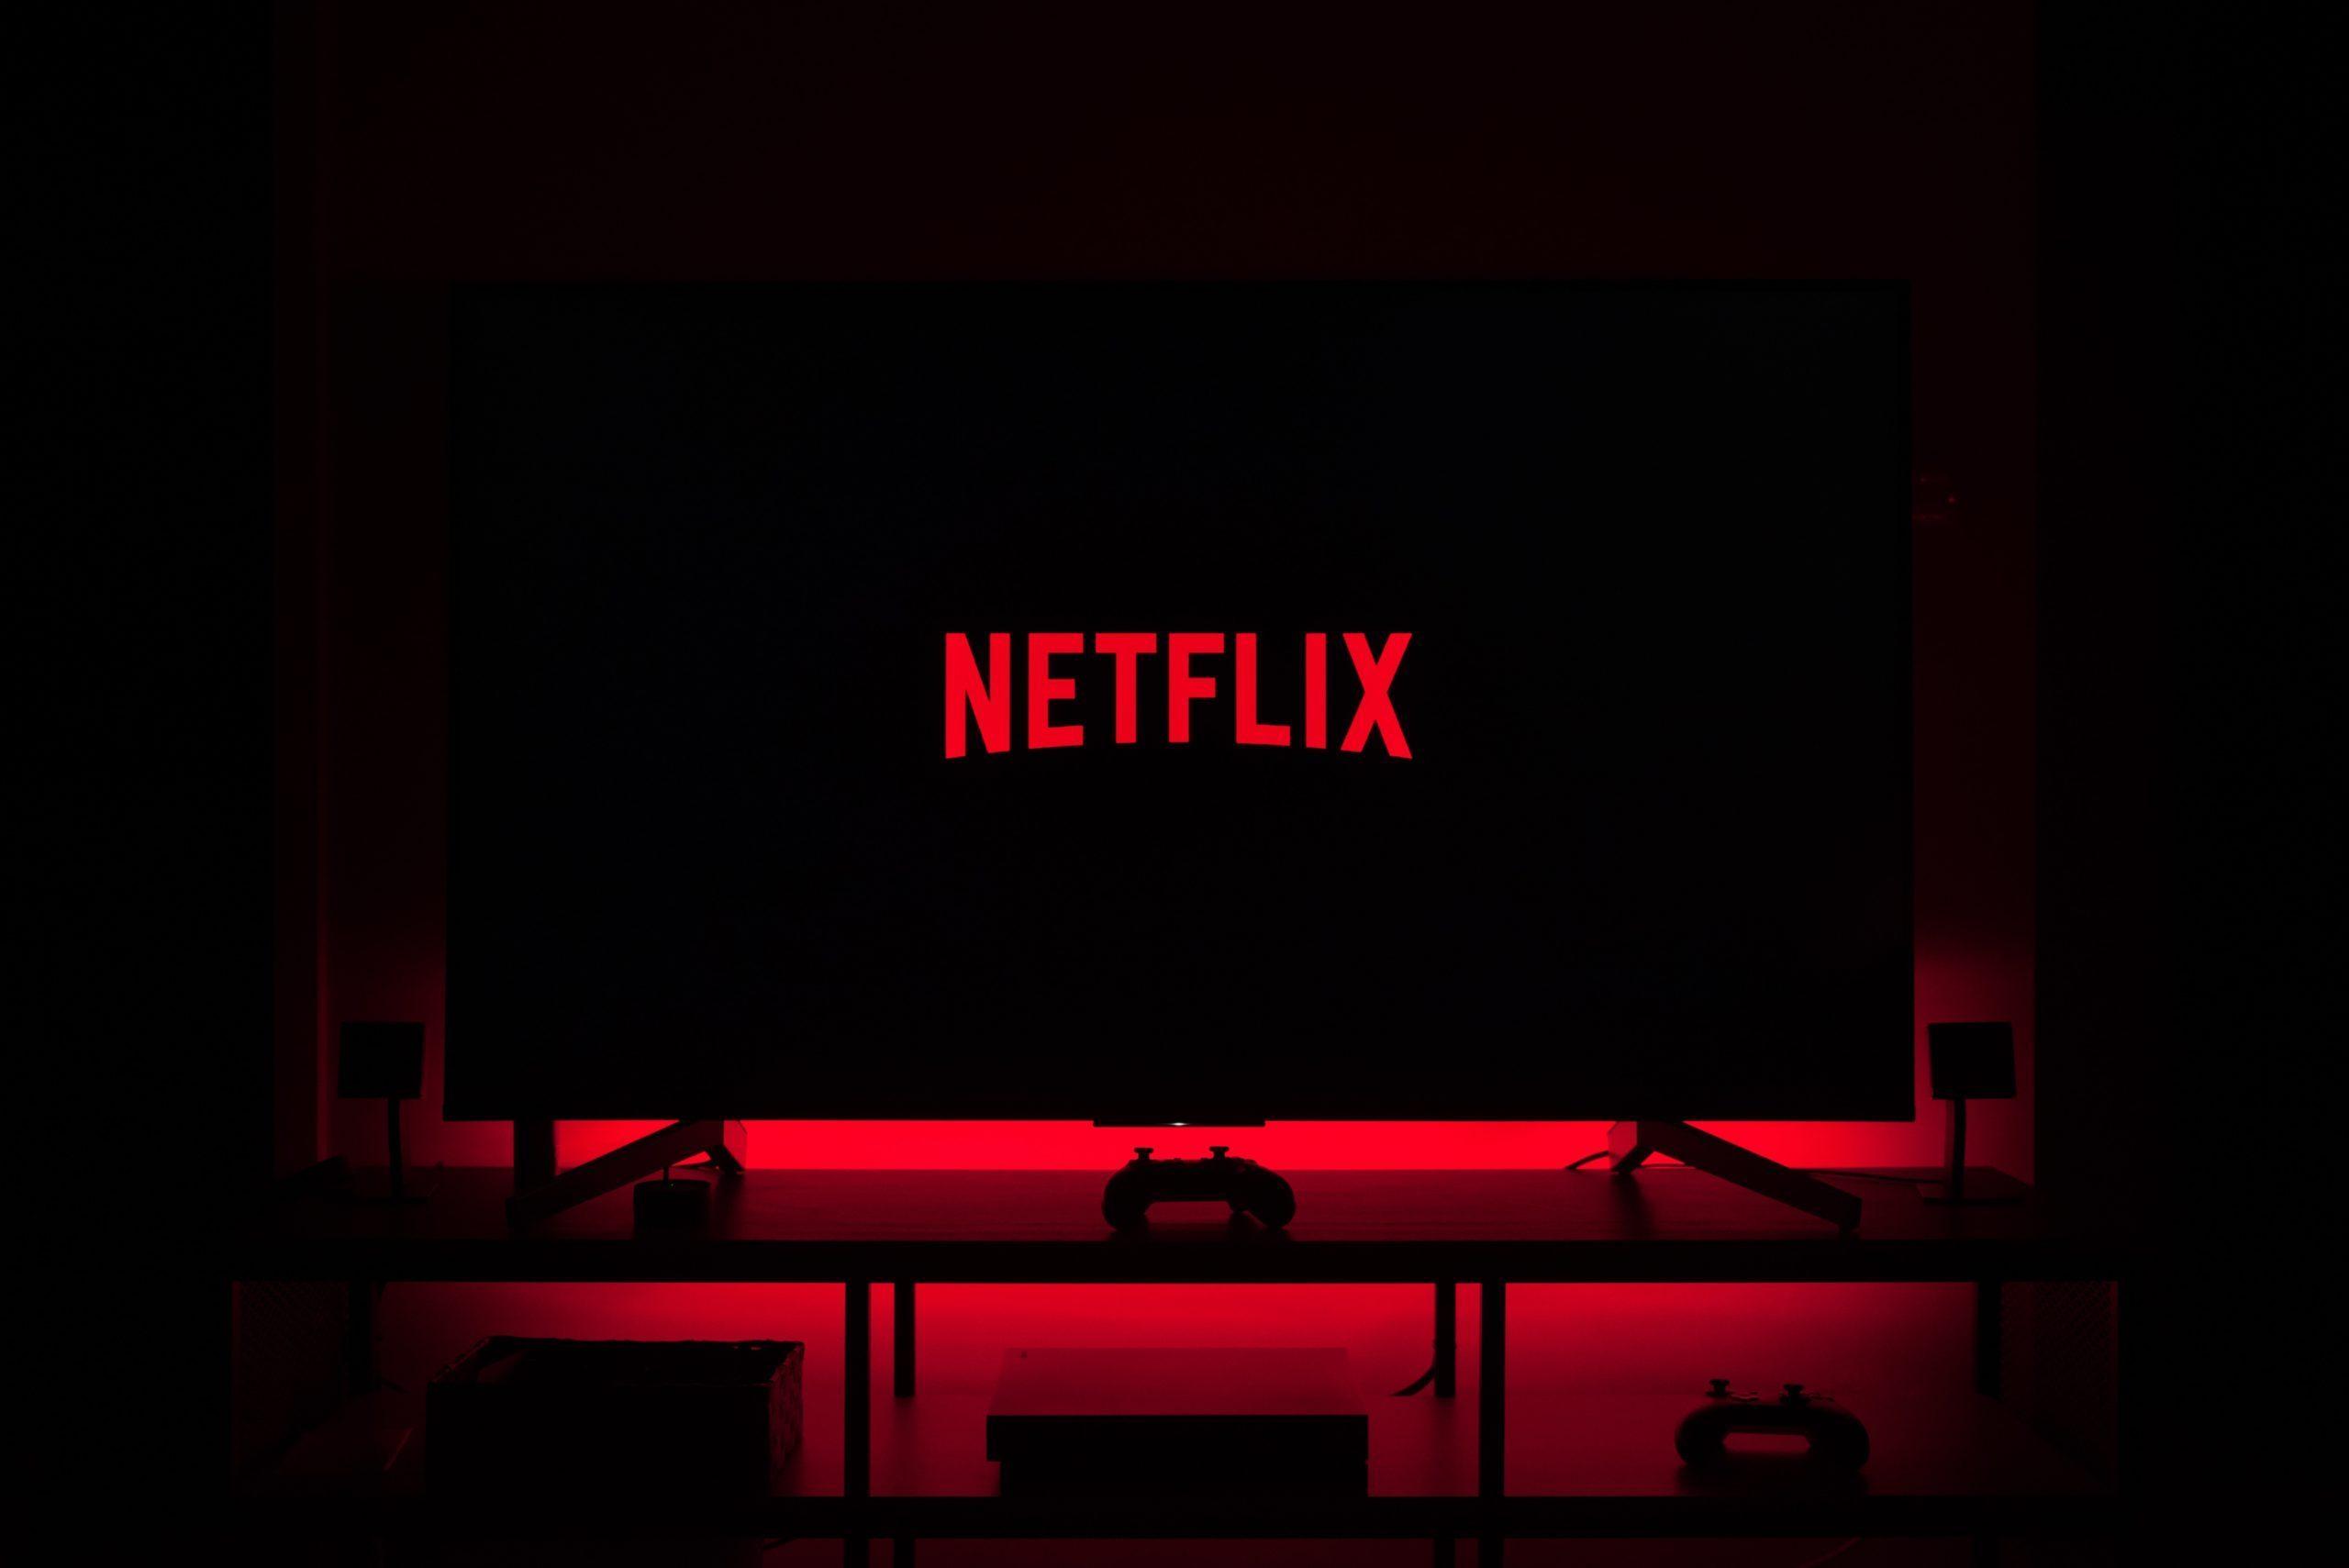 Cách cài đặt Netflix trên TV hiệu quả